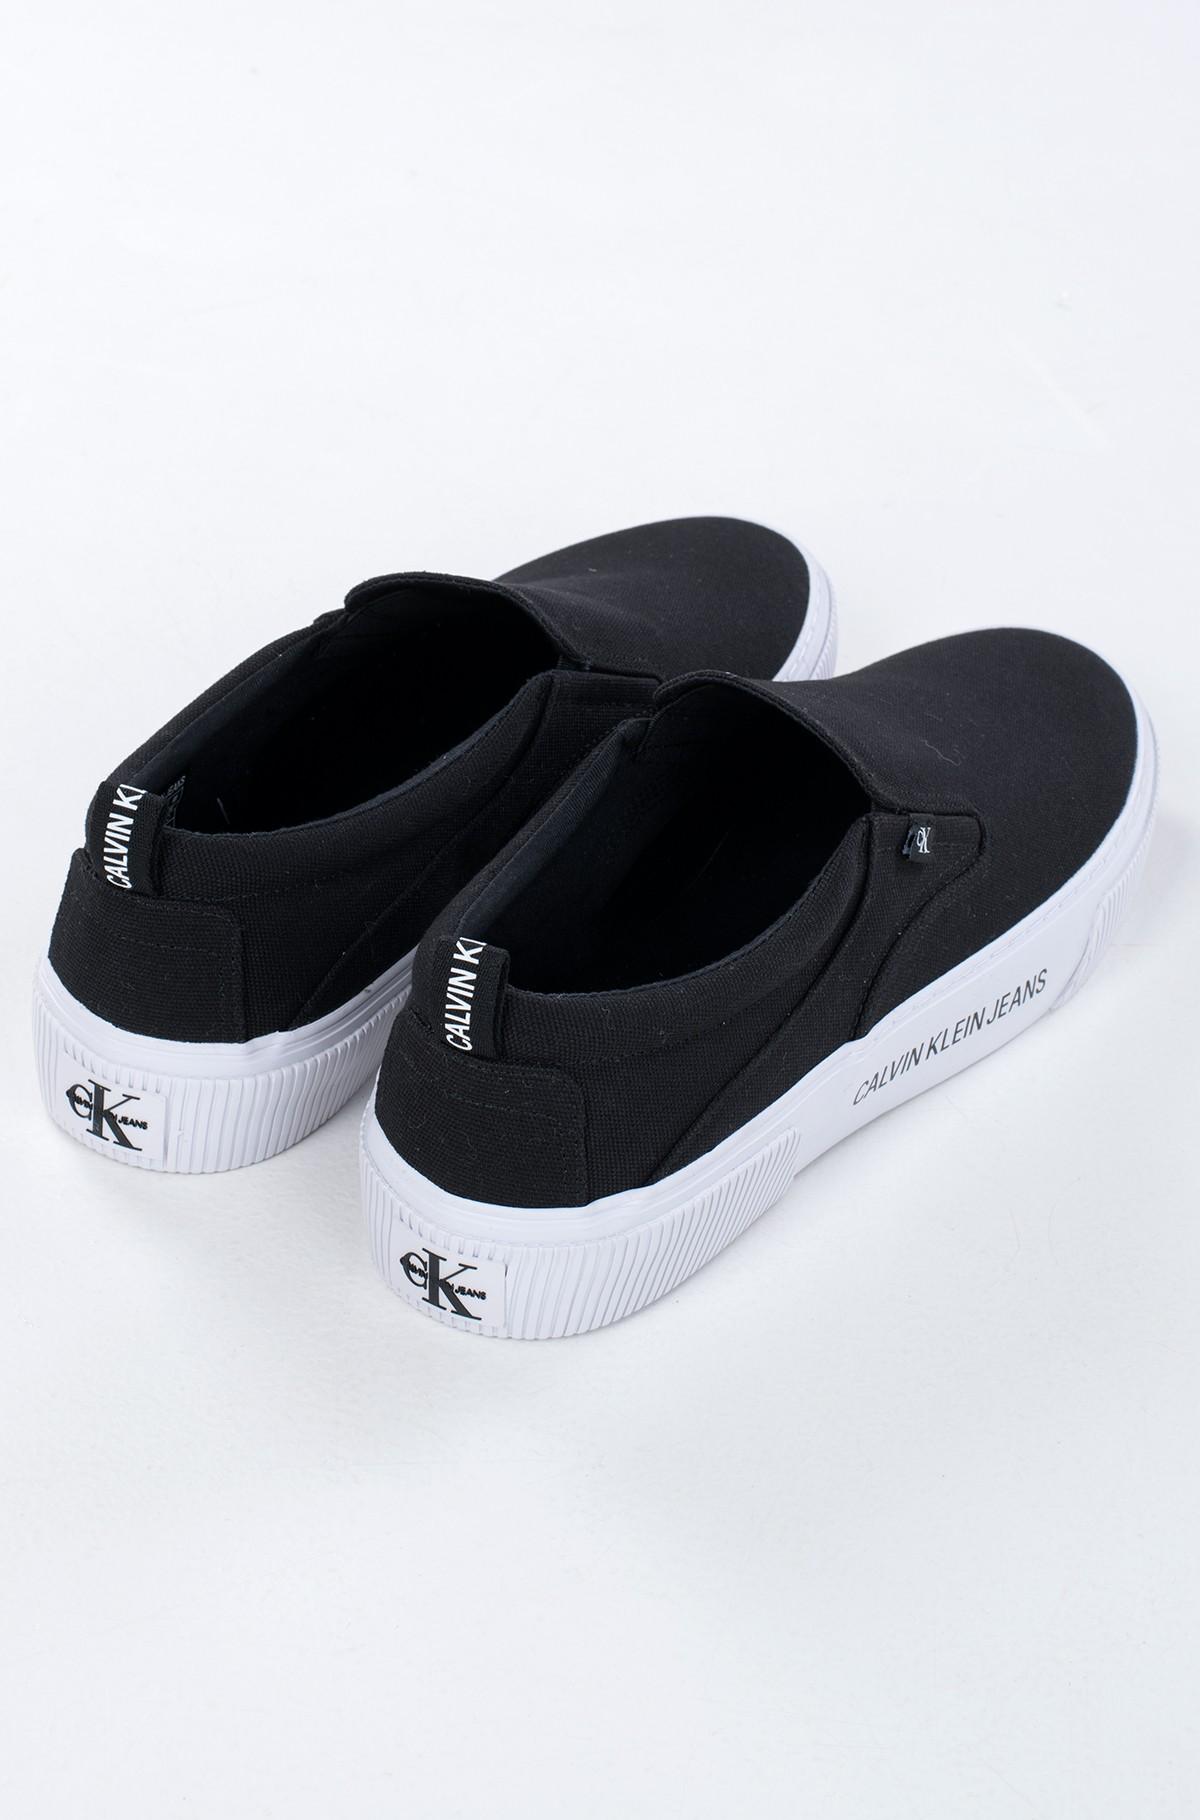 Casual shoes VULCANIZED SKATE SLIPON CO-full-4